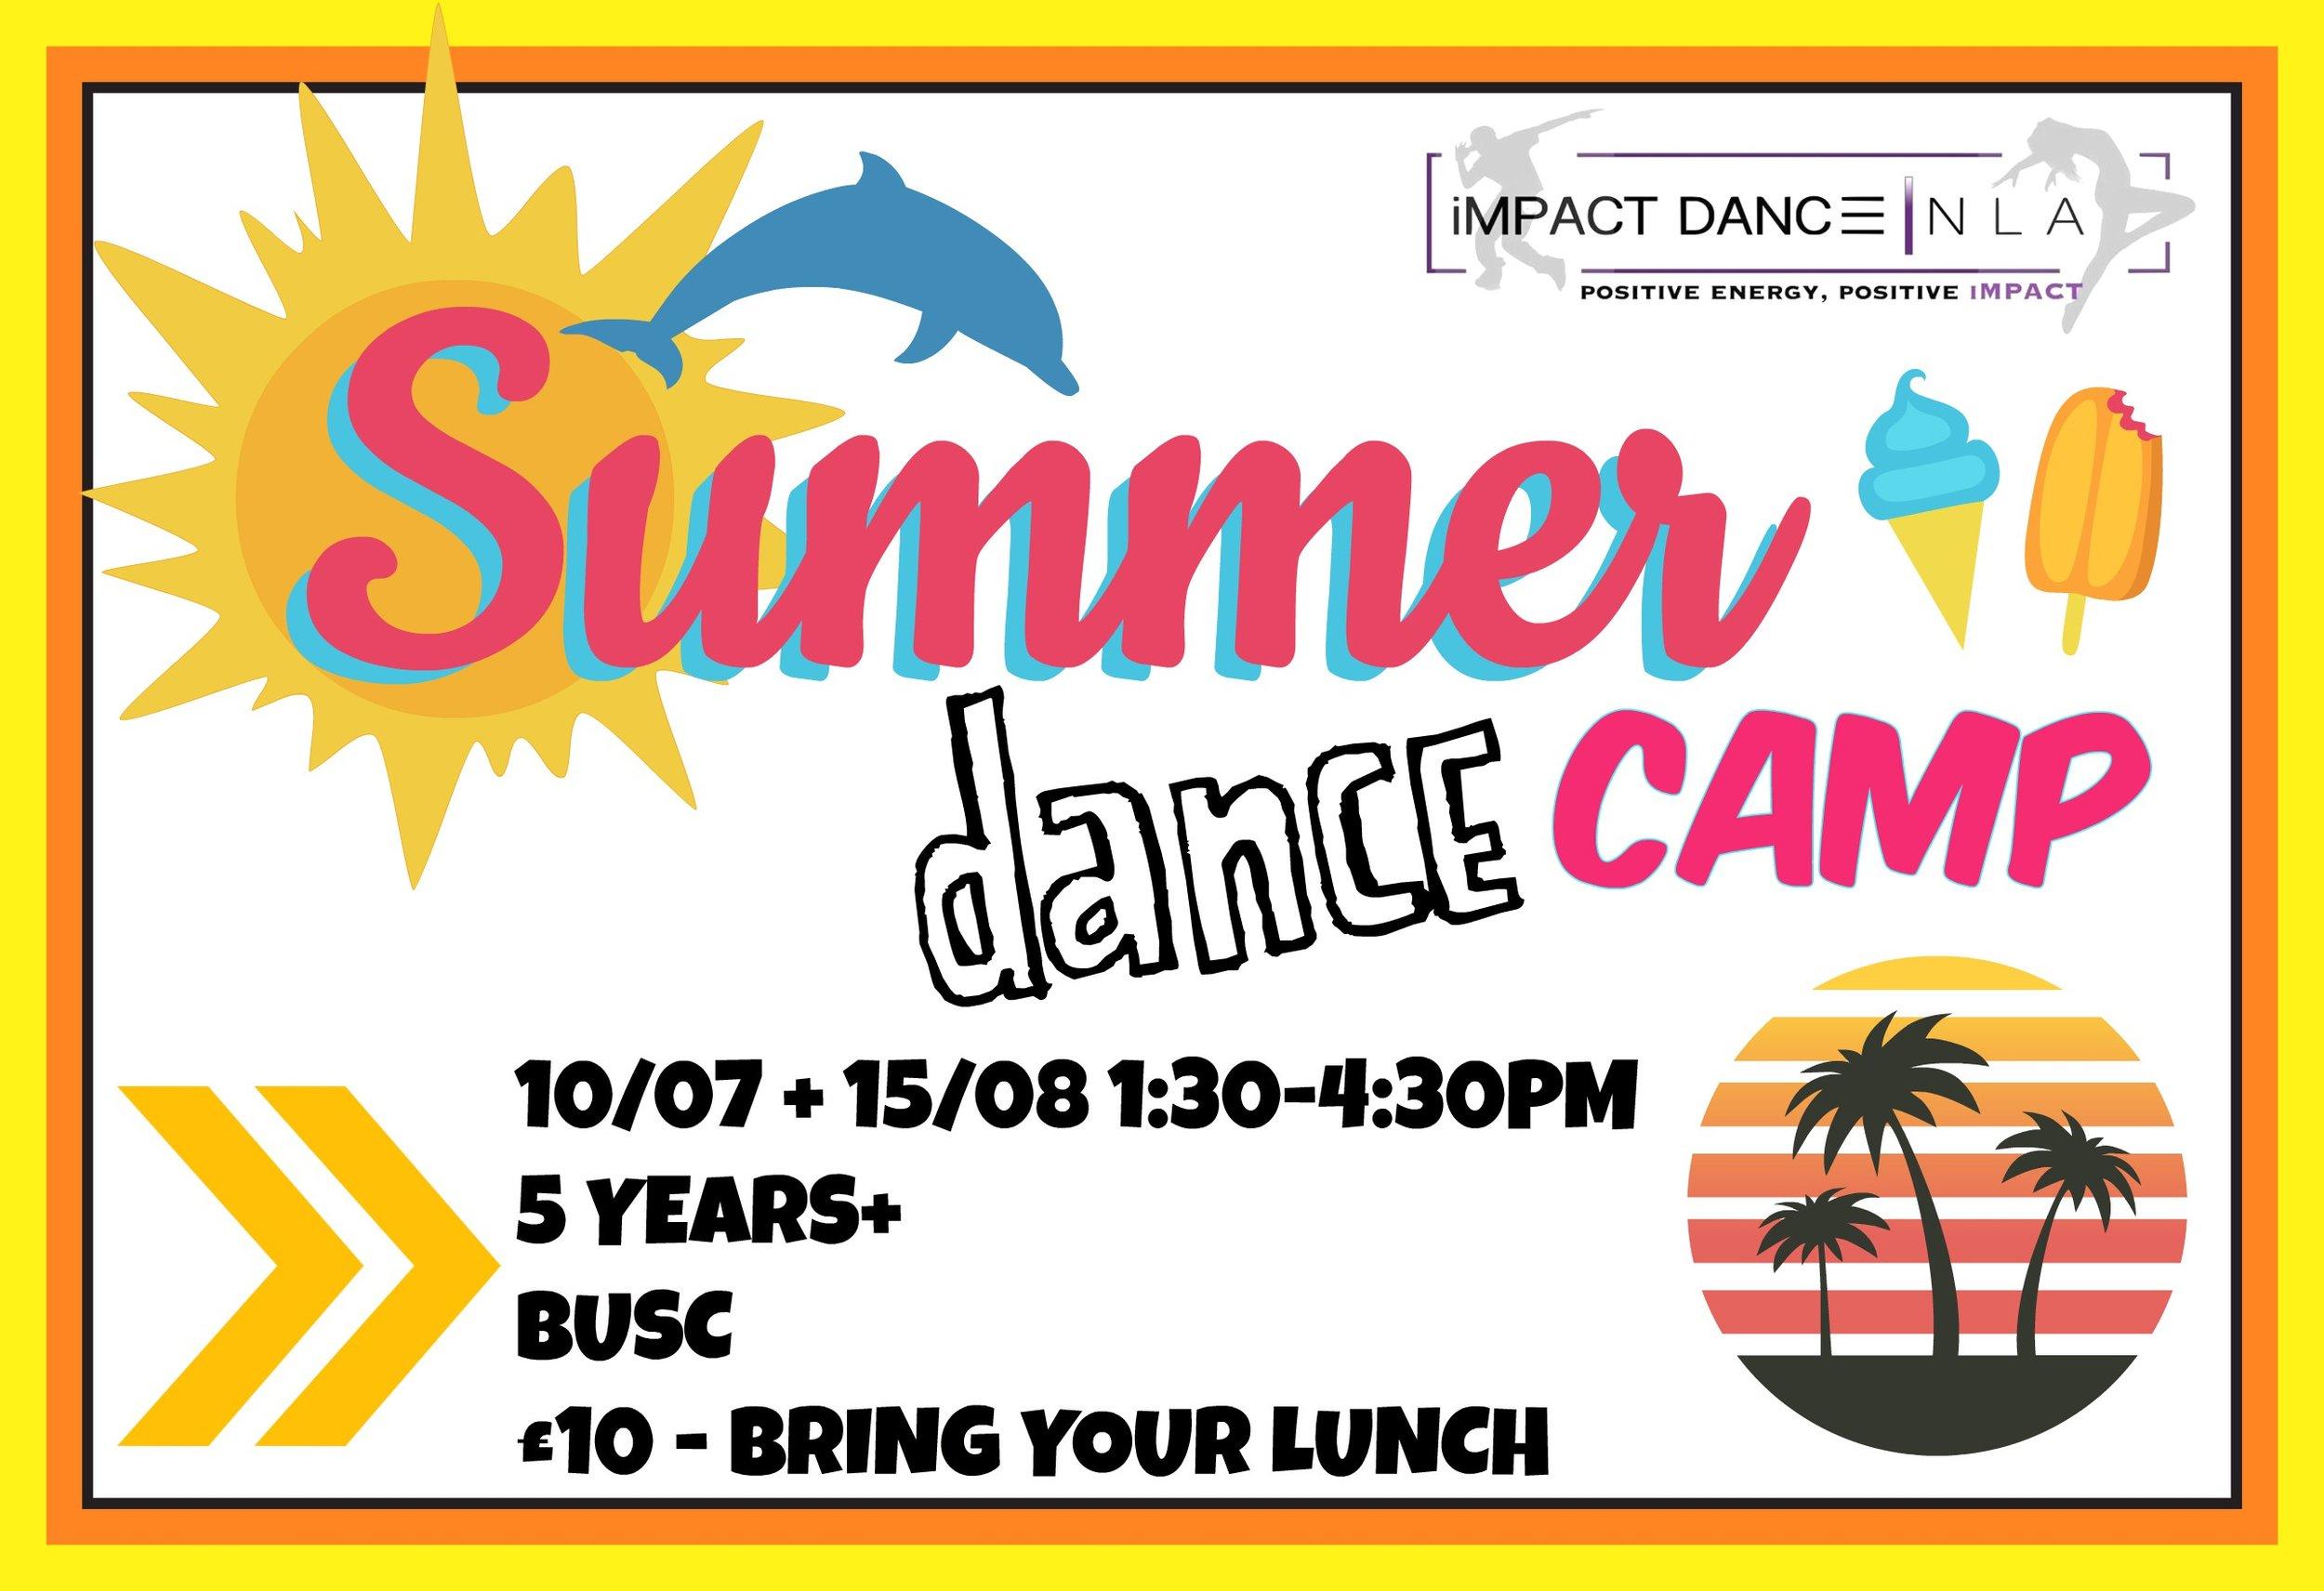 Summer Dance Camp Flyer ImPact.27.6.17.jpg